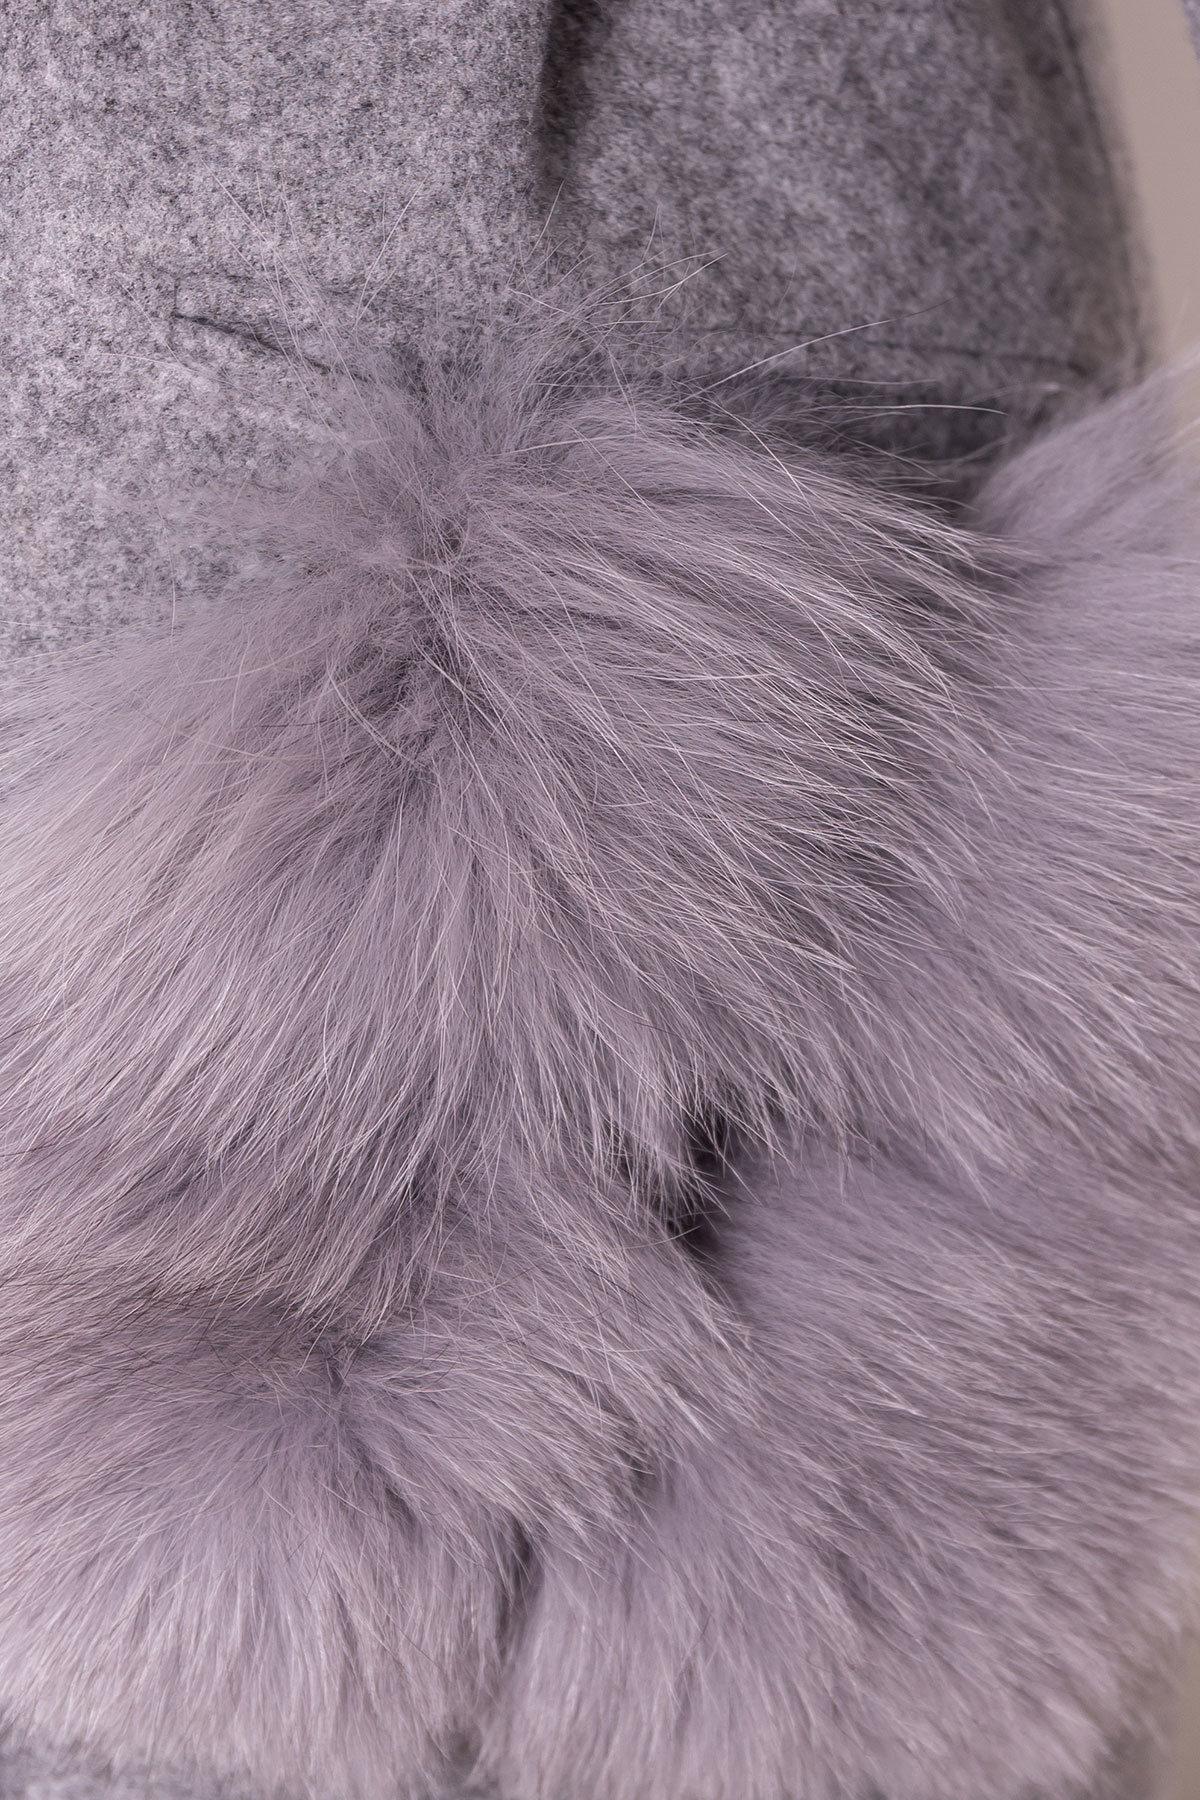 Пальто зима Анита 5762 АРТ. 38116 Цвет: Серый Светлый 77 - фото 6, интернет магазин tm-modus.ru